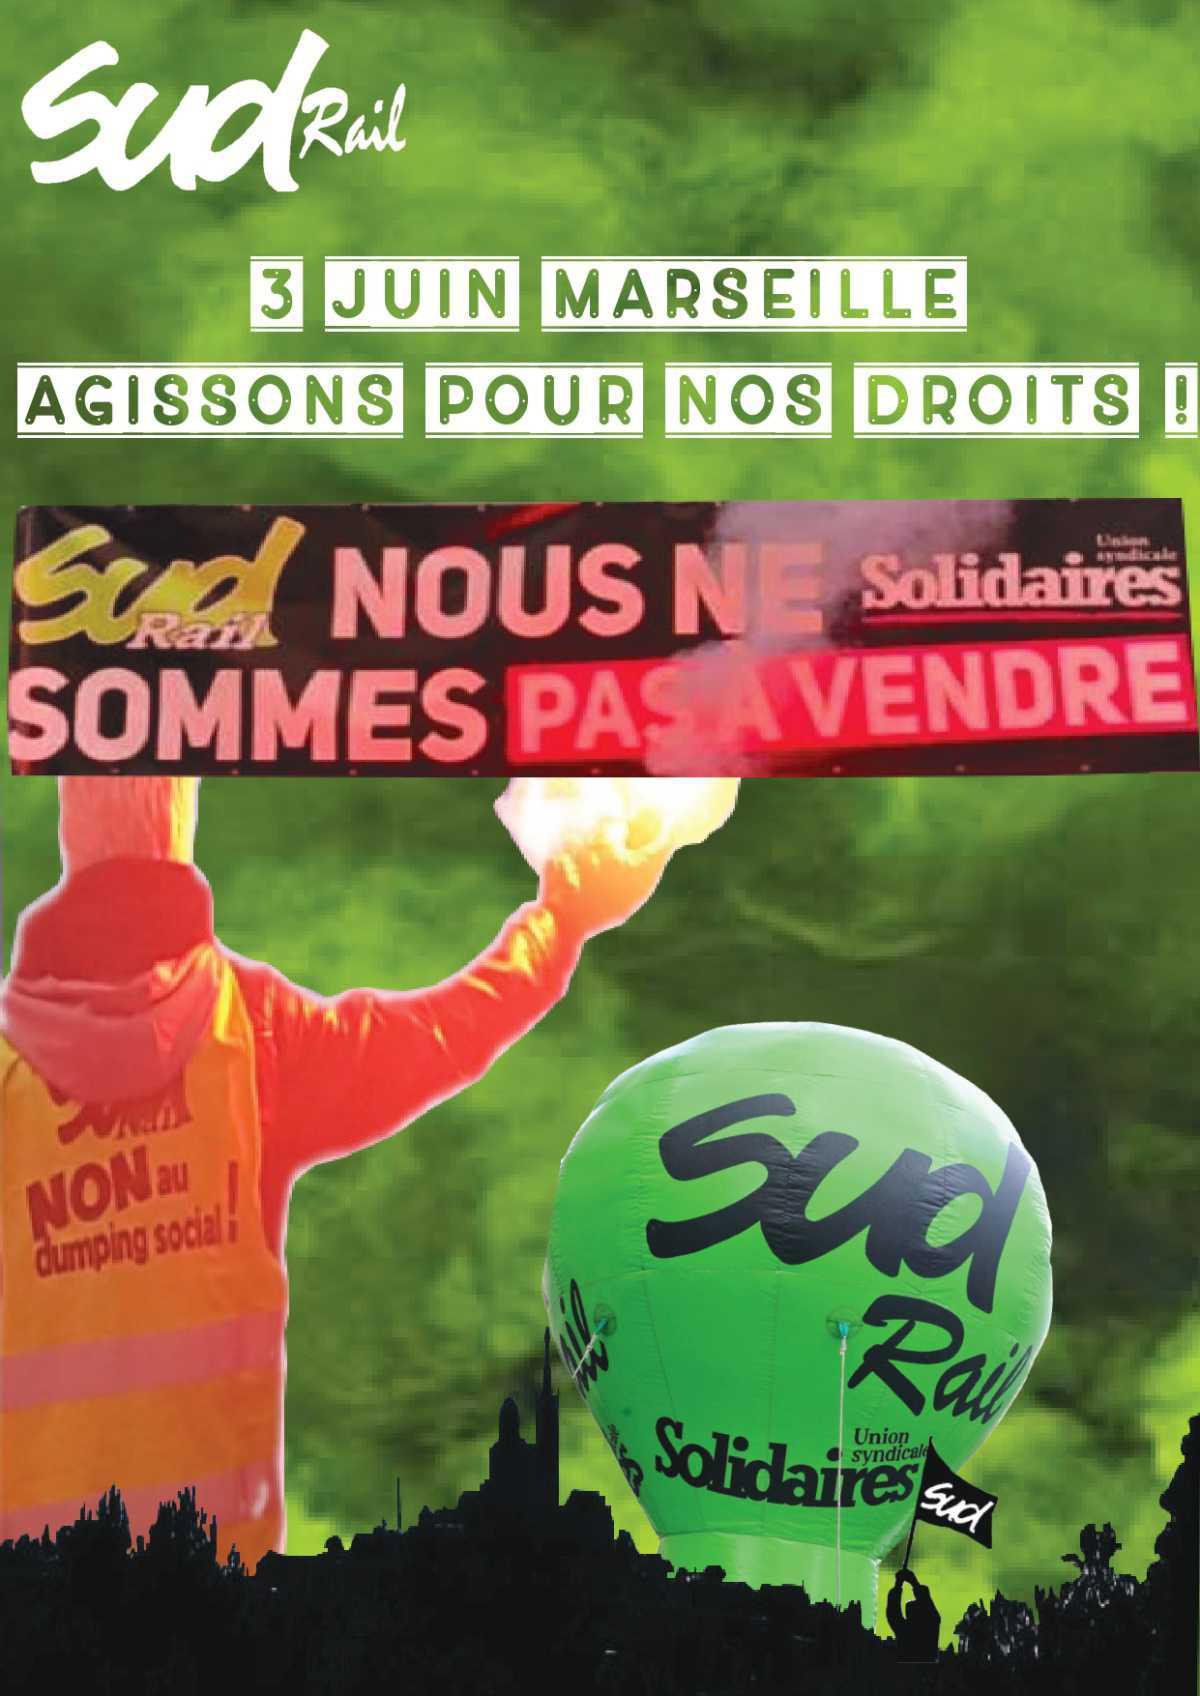 Rassemblement à Marseille, agissons pour nos droits !